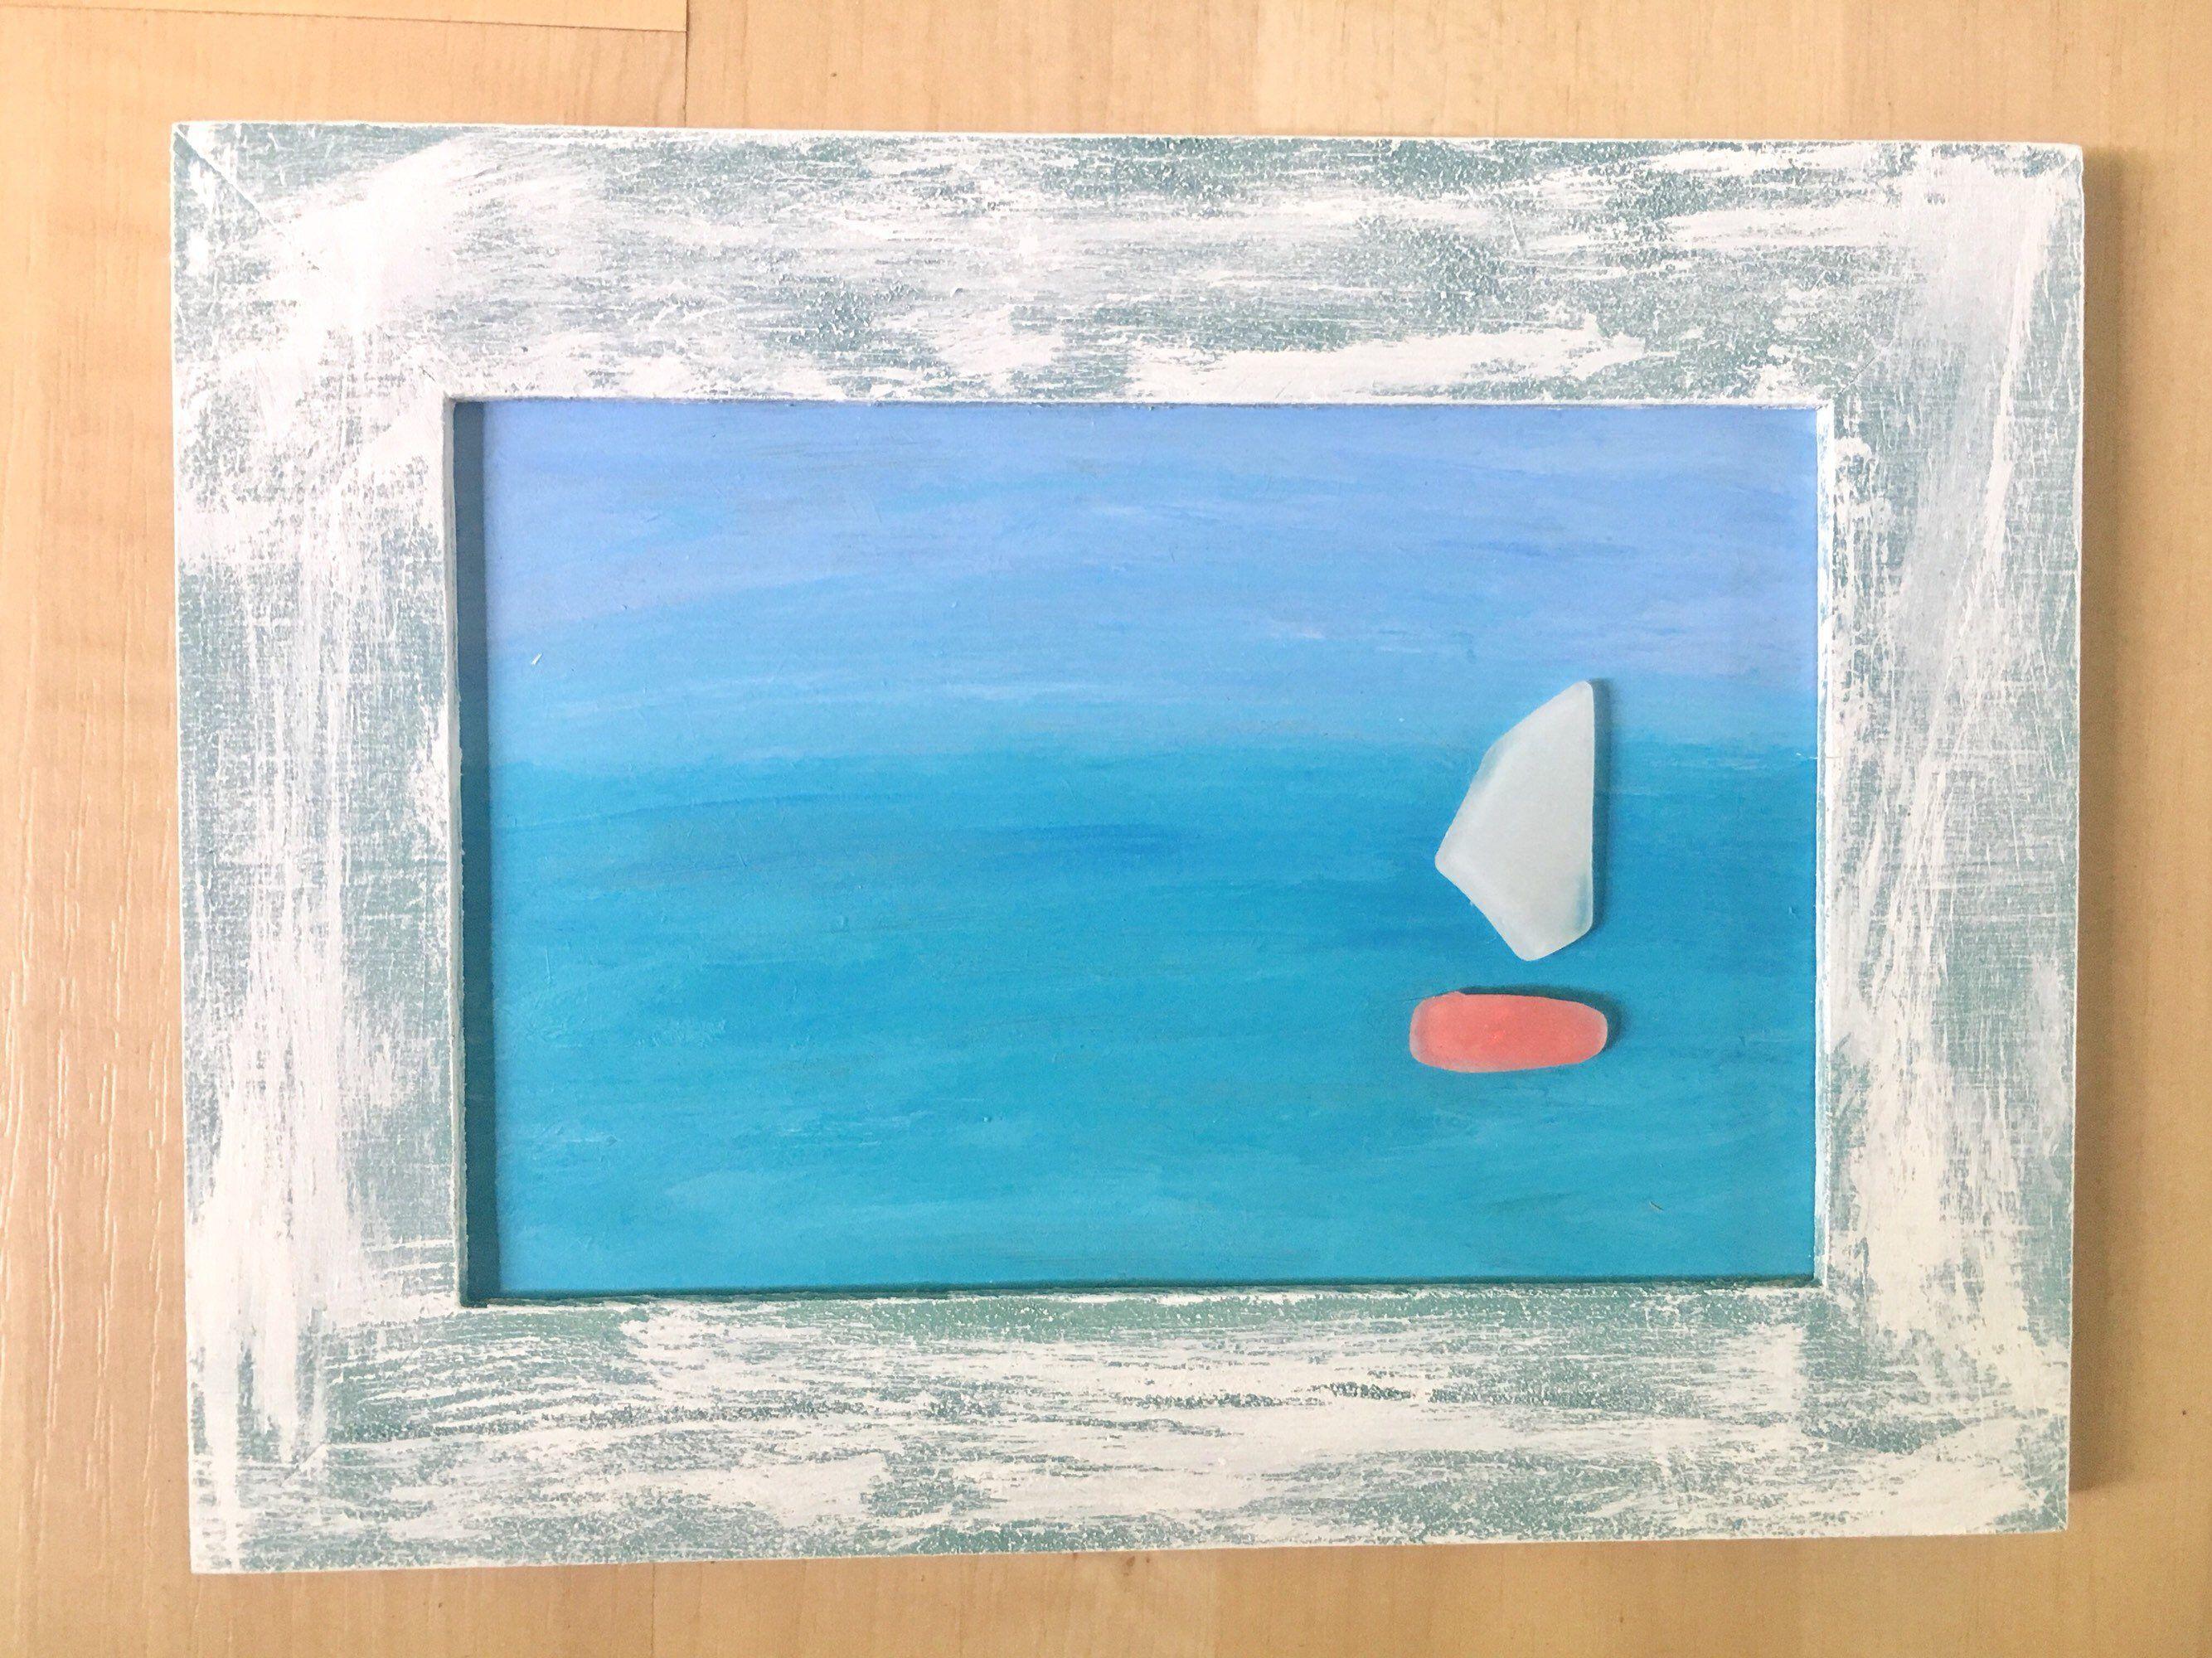 sea glass art abstract art seaglass sailboats beachart rh pinterest com